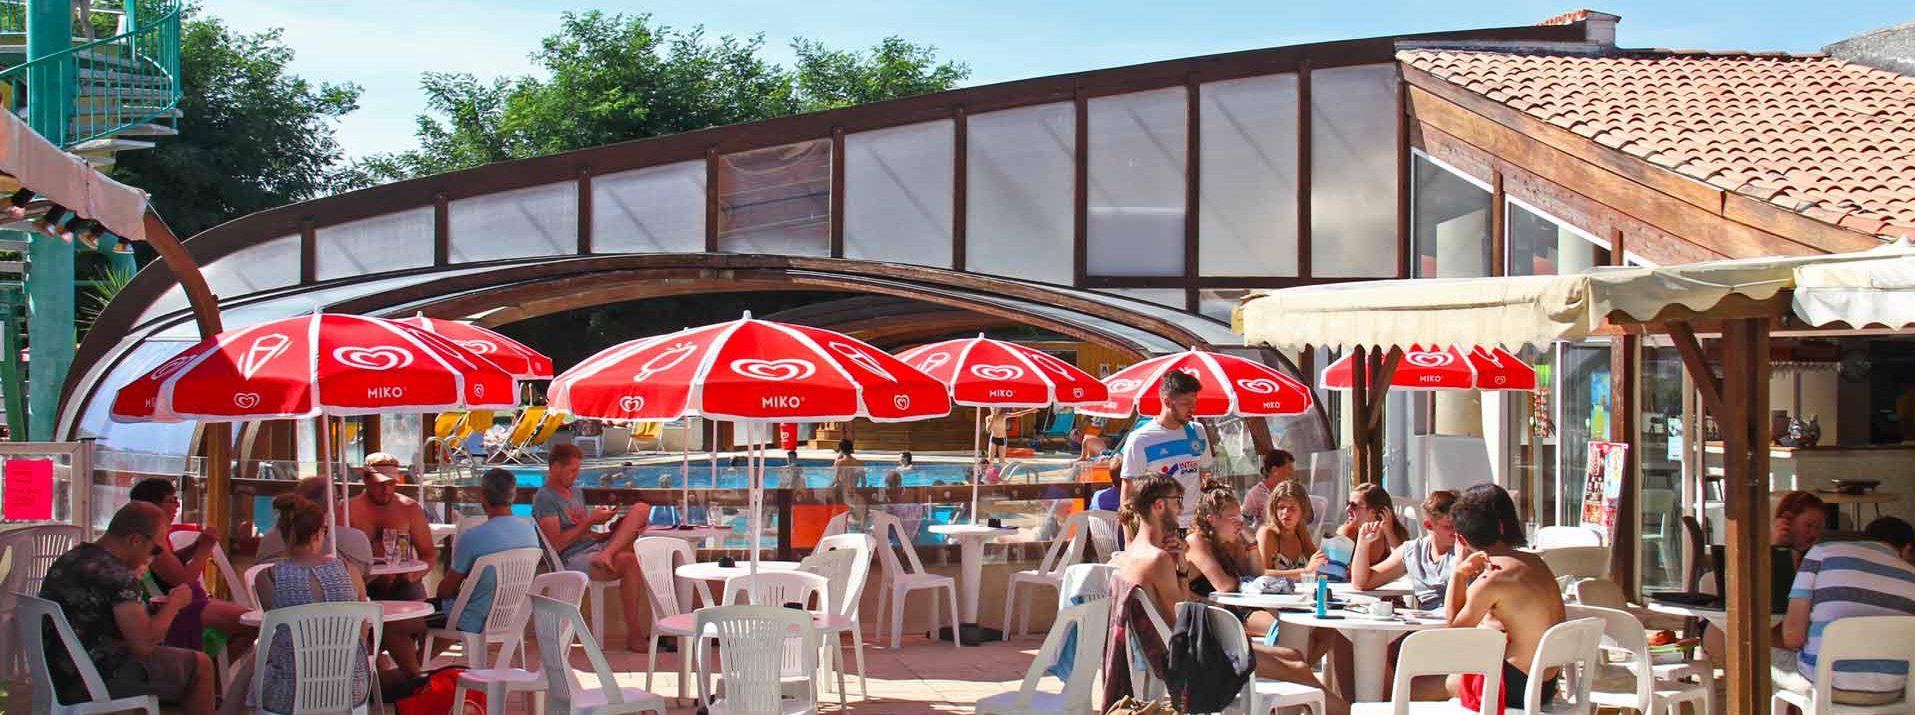 réception et services : confortablement installés sur la terrasse du bar de la piscine, les vacanciers se raffraichissent